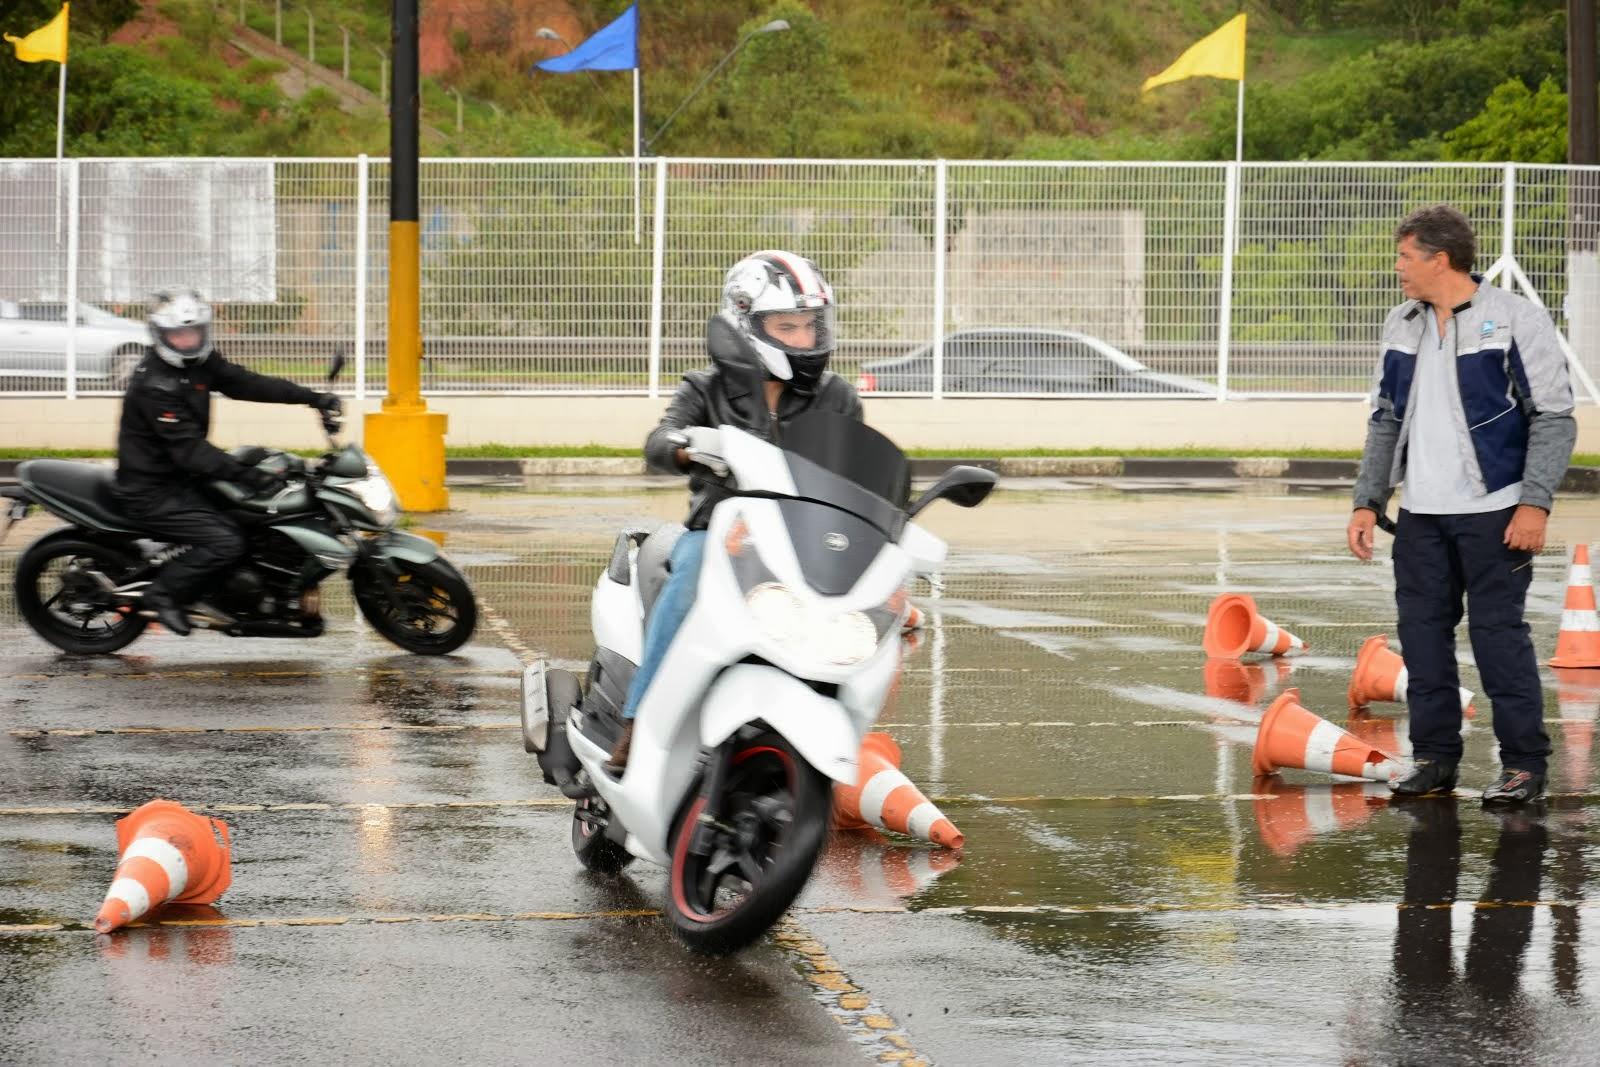 Scooter em pista molhada. Curso dia 27 de Outubro de 2013